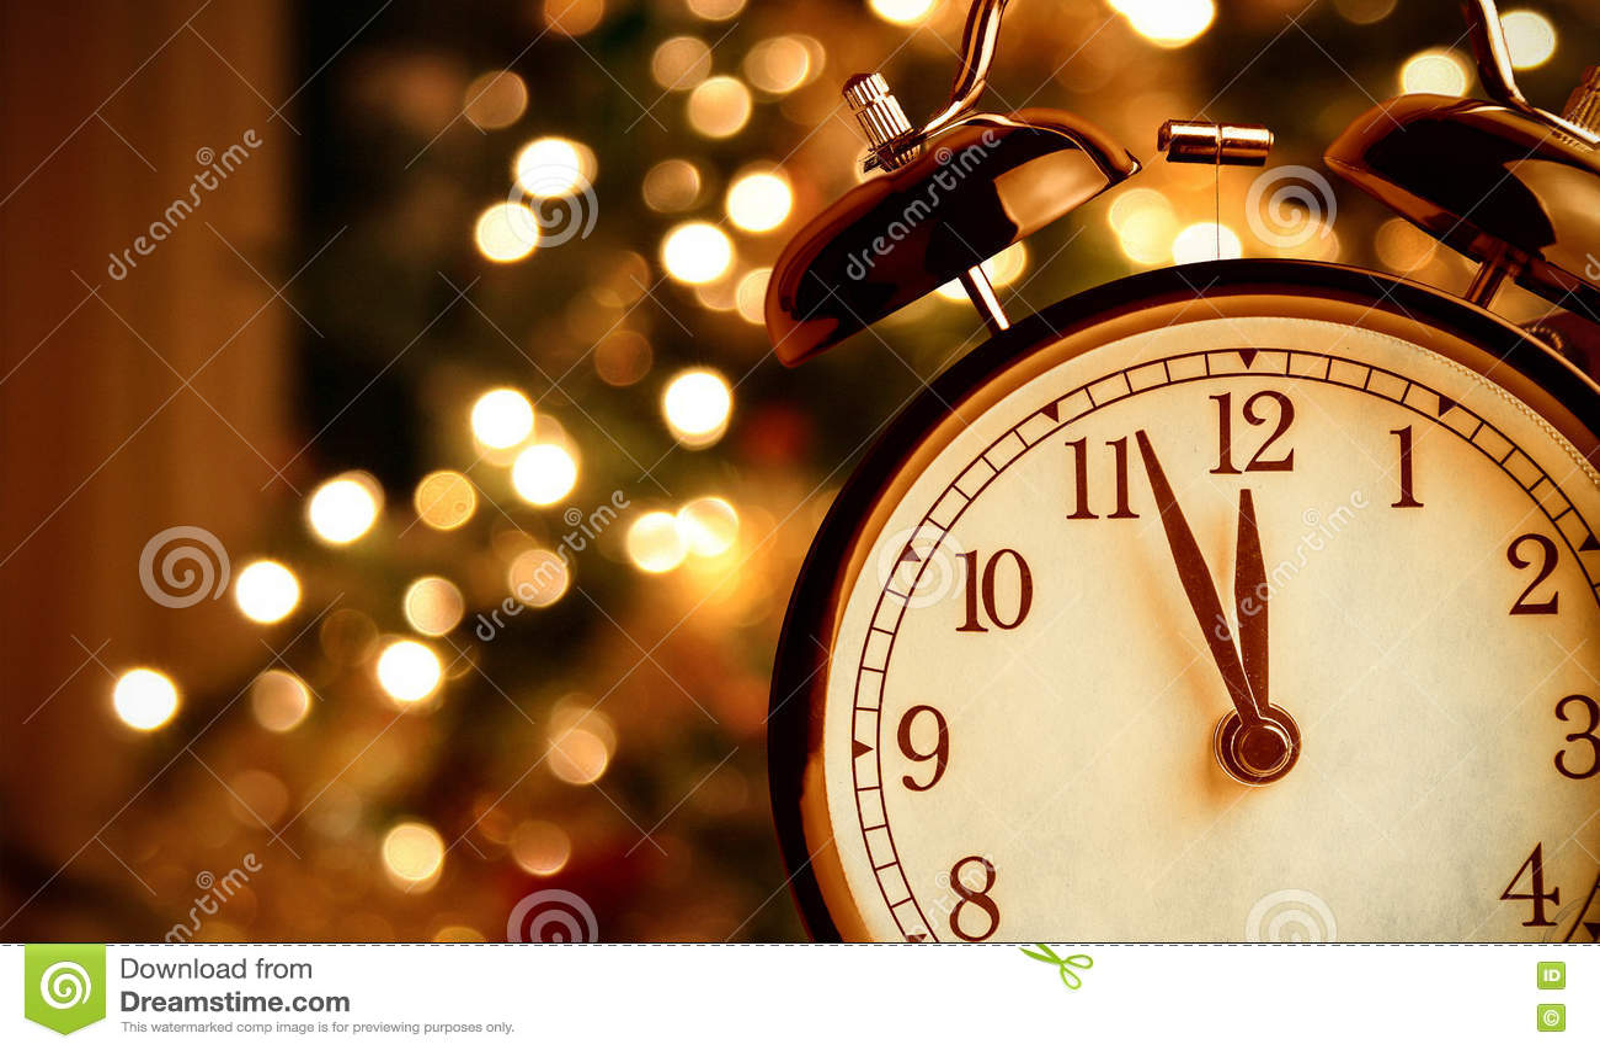 Reloj El Vintage Medianoche Del Mostrando Está Es Despertador 1c3lJuTFK